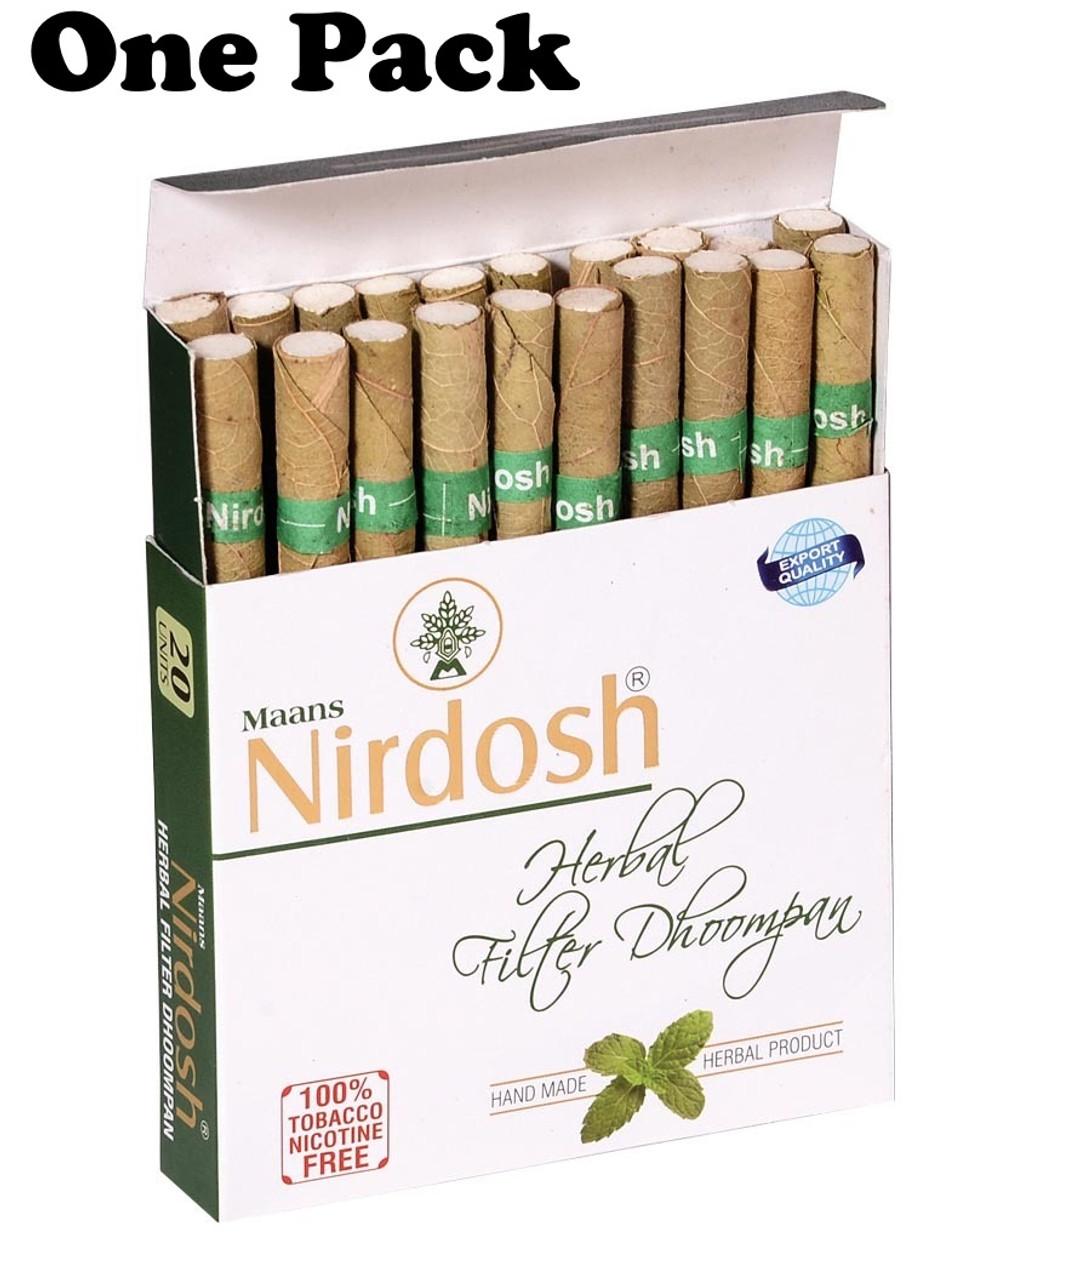 Nirdosh Herbal Filtered Cigarettes - 1 Pack [20 Cigarettes]